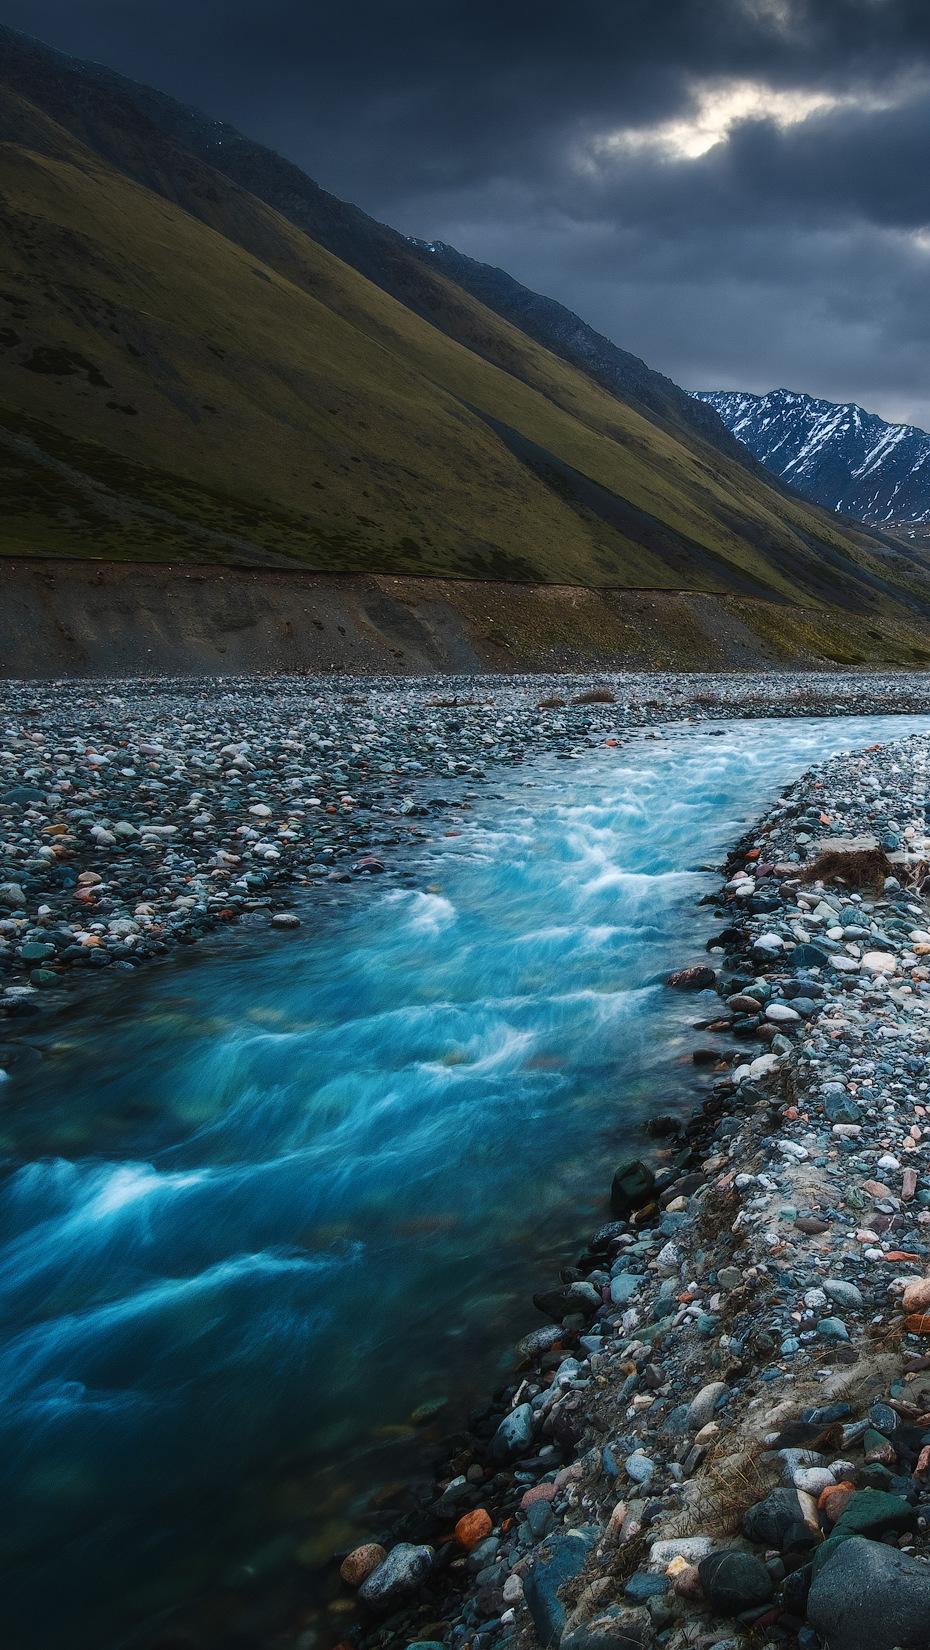 Kamienie po obu stronach rzeki